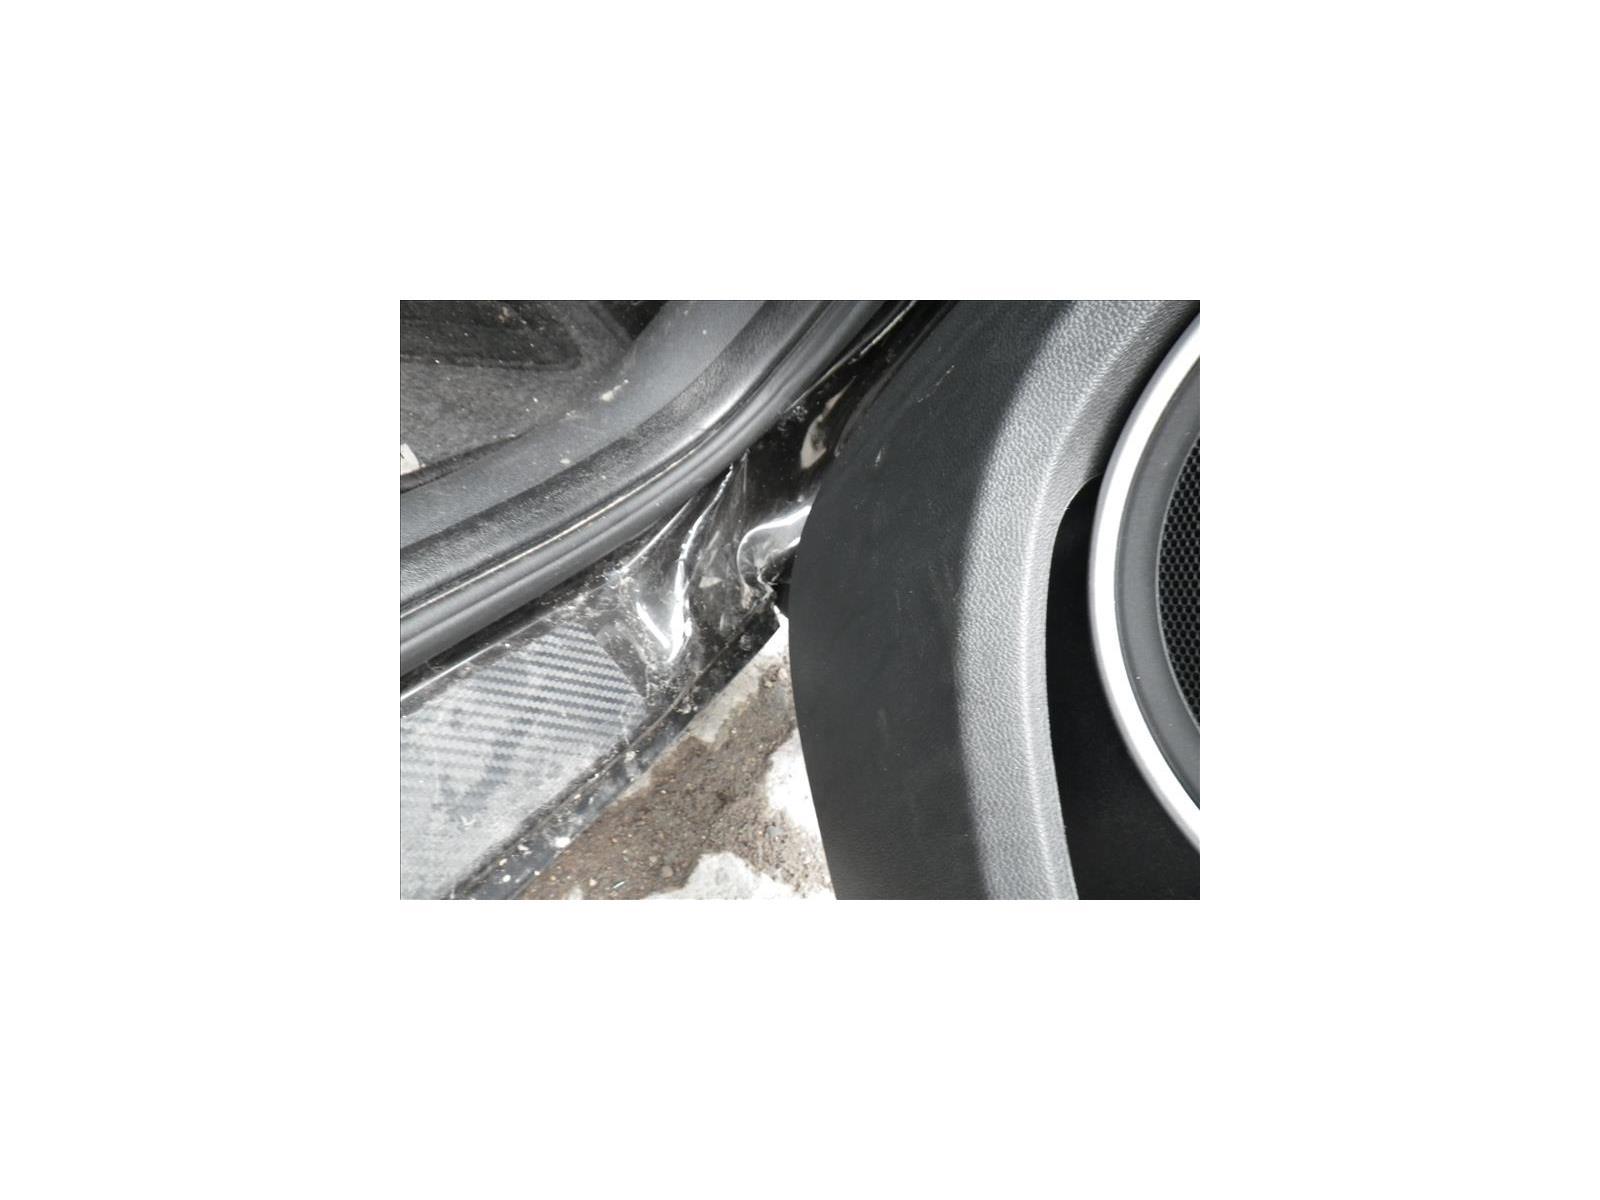 2009 renault clio 2009 to 2012 3 door hatchback diesel manual renault clio 2009 to 2012 3 door hatchback publicscrutiny Images